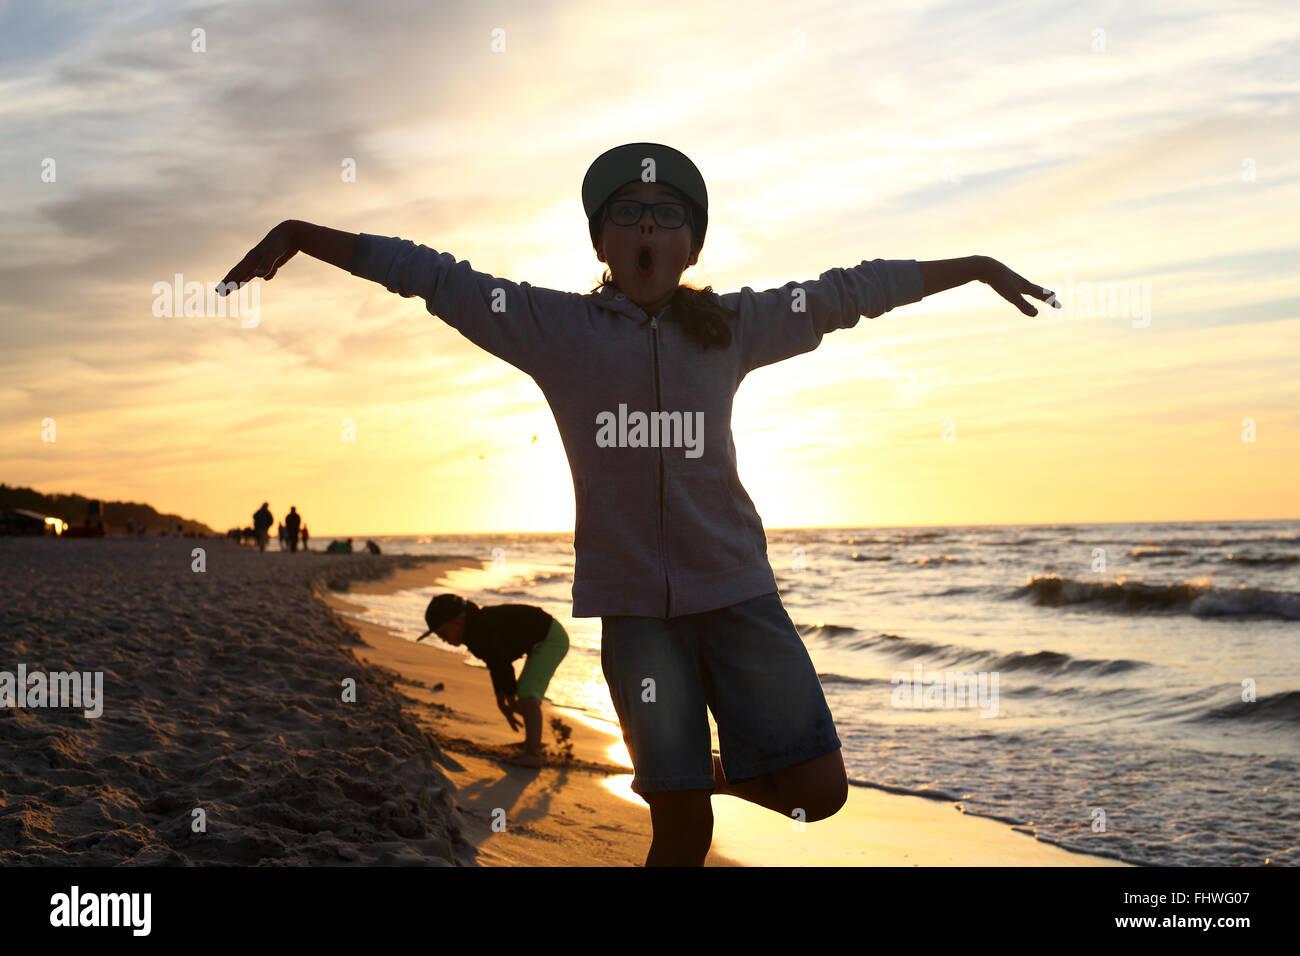 Urlaub! Das Mädchen springt hoch an einem Sandstrand Stockbild